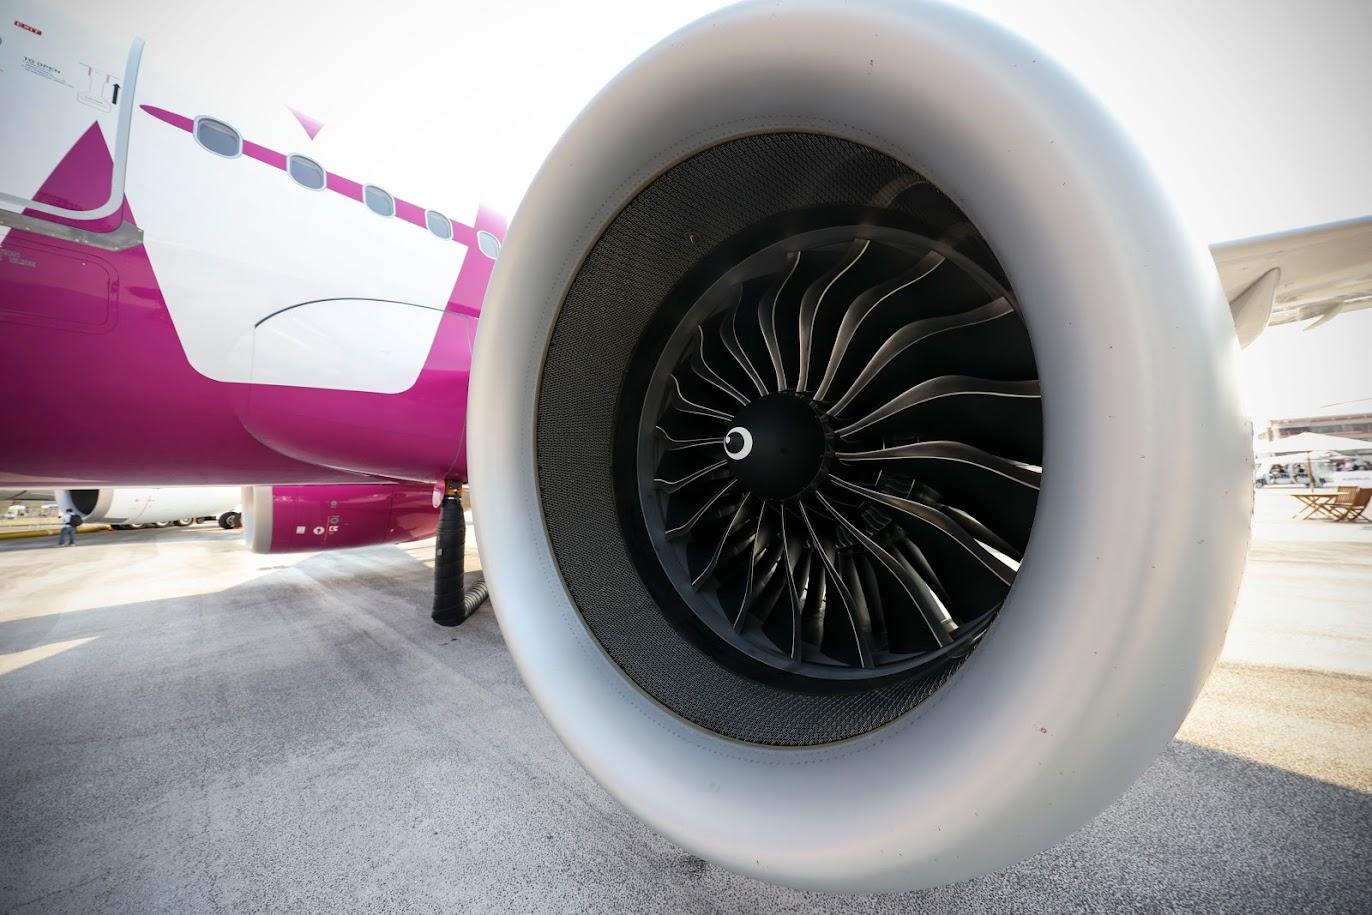 Каждый двигатель вмещает до 19 трехмерных печатных топливных форсунок, которые помогают повысить его эффективность на целых 15 процентов.